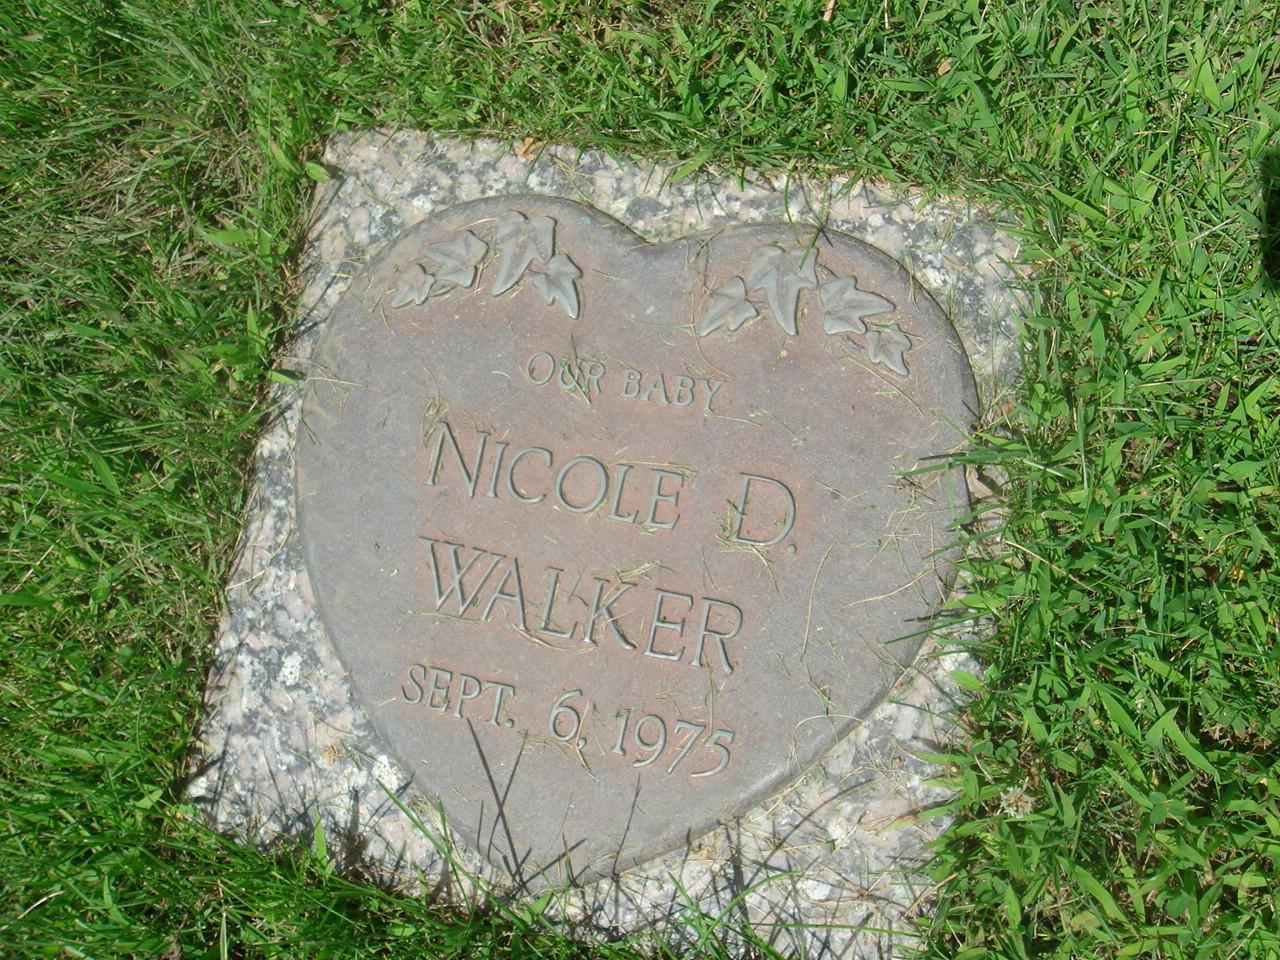 Nicole D Walker